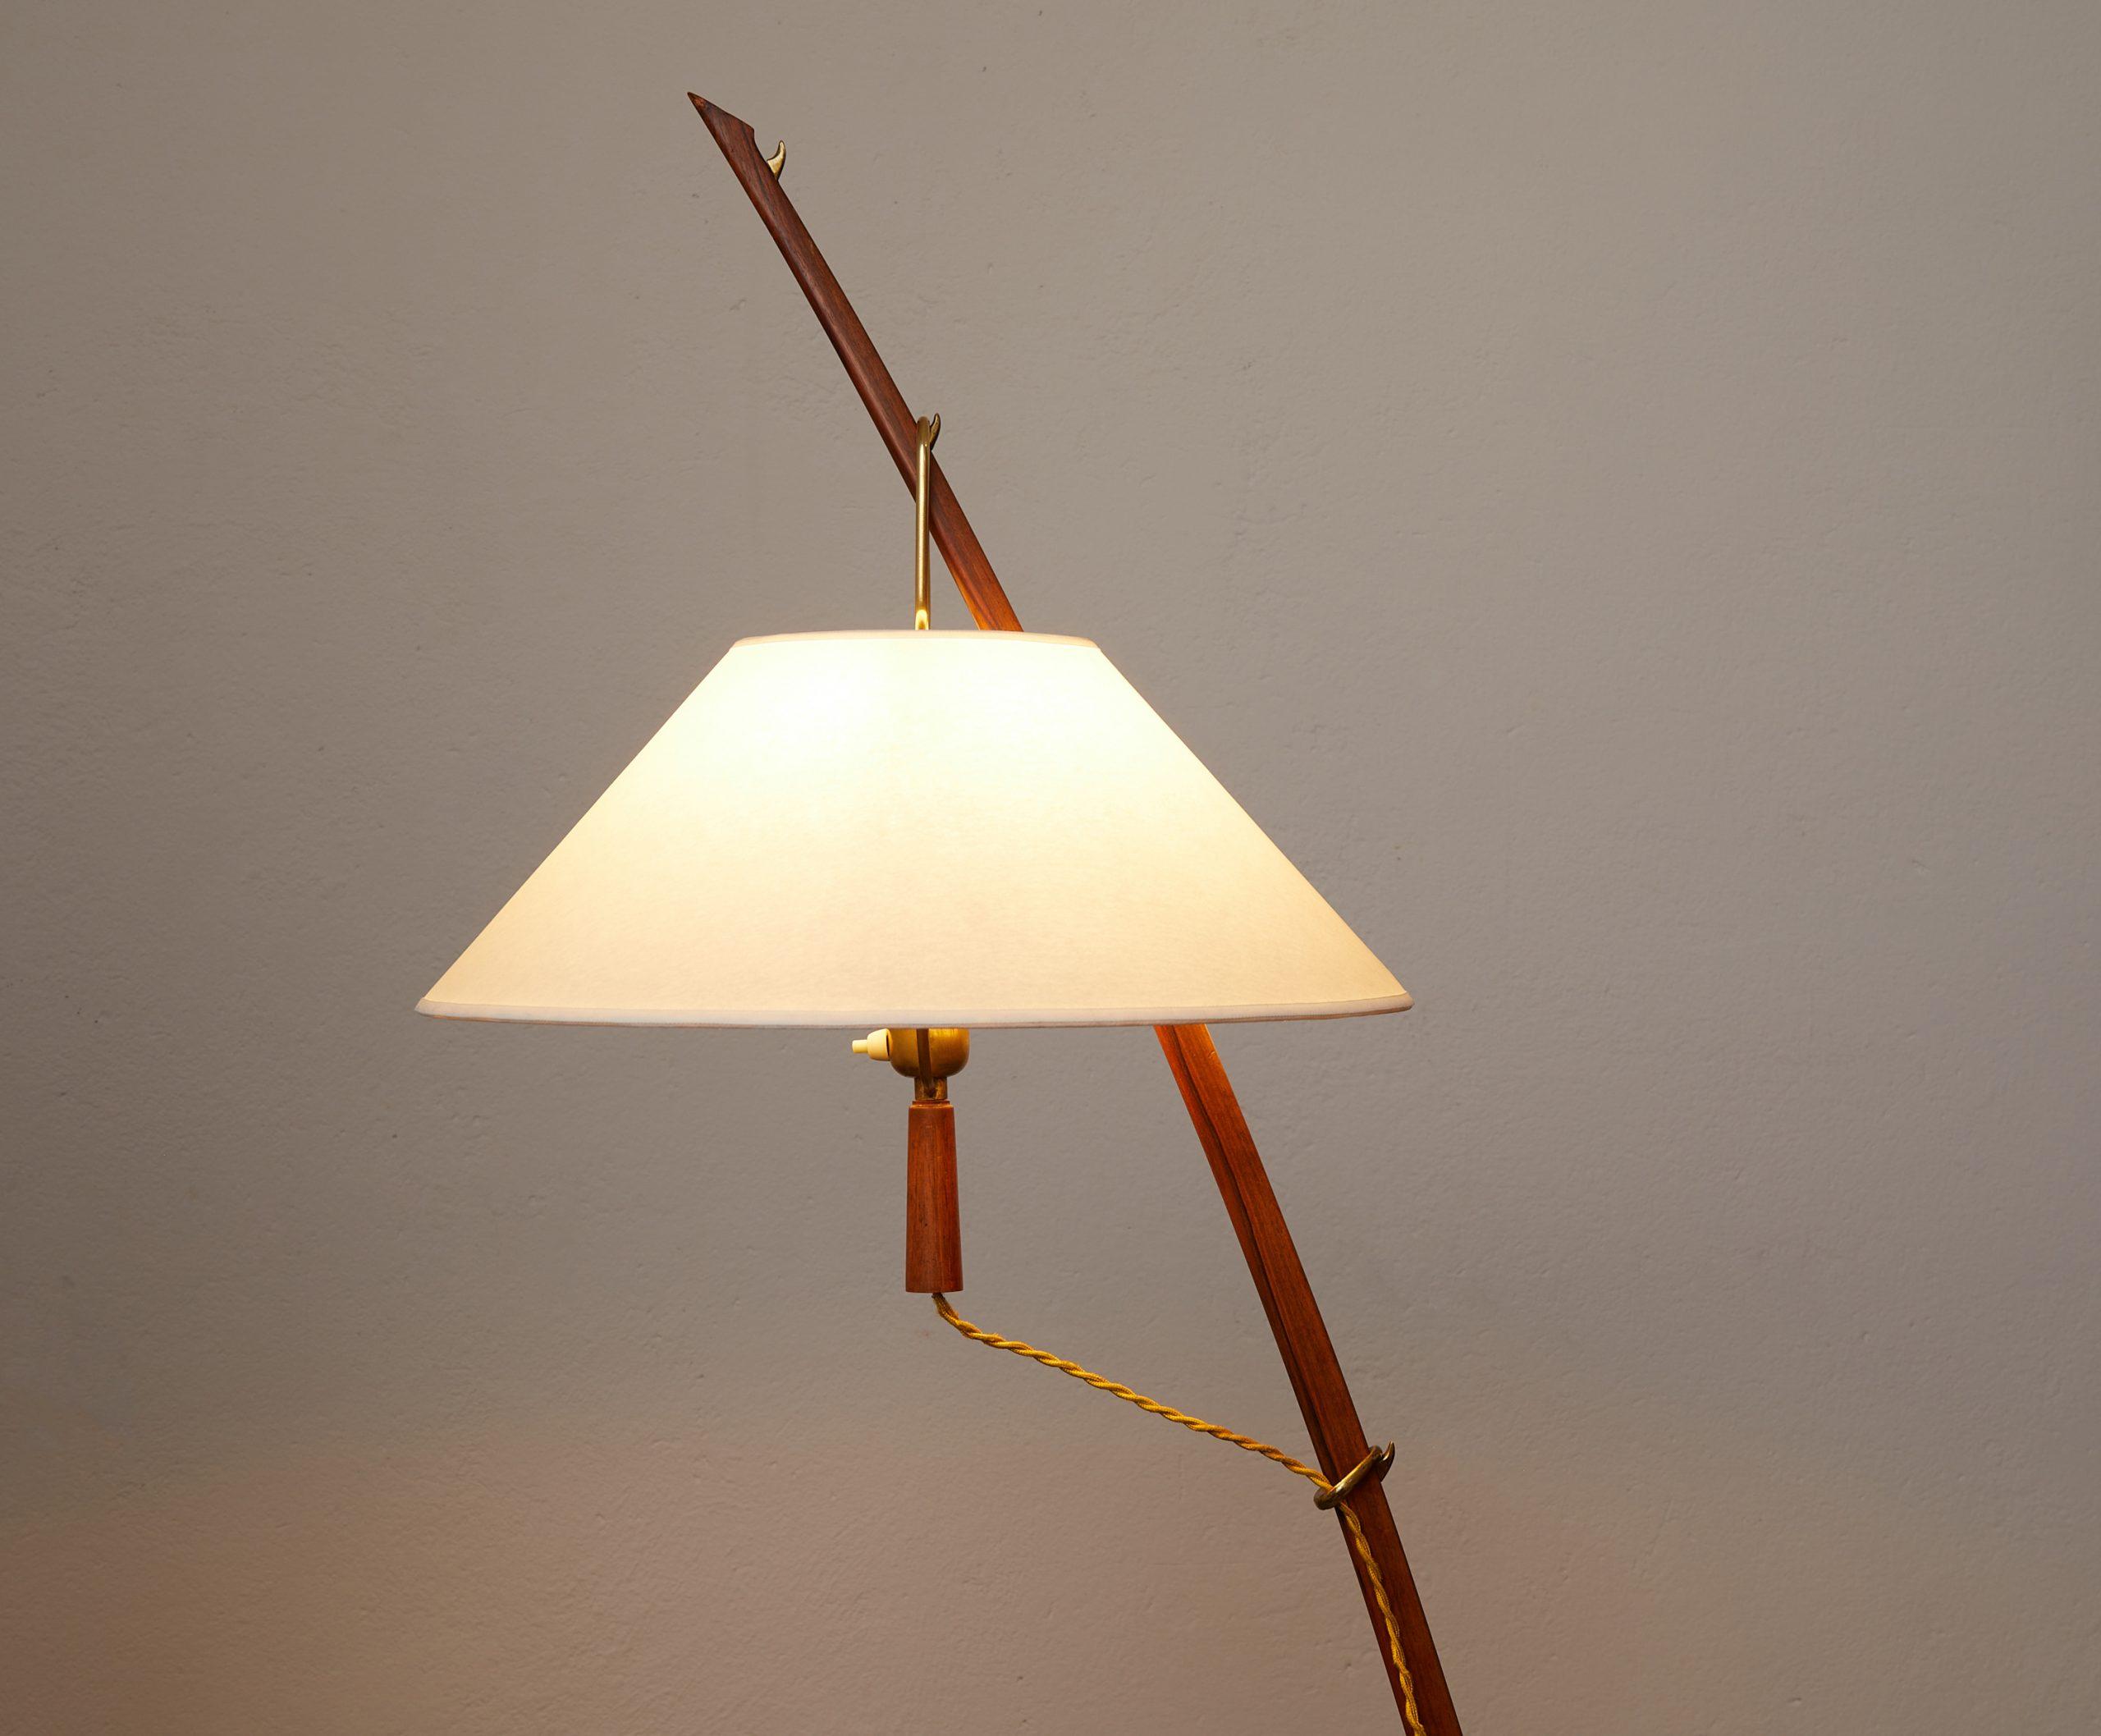 model-2076-ordornstab-floor-lamp-in-teak-and-brass-by-j-t-kalmar-1950-image-03